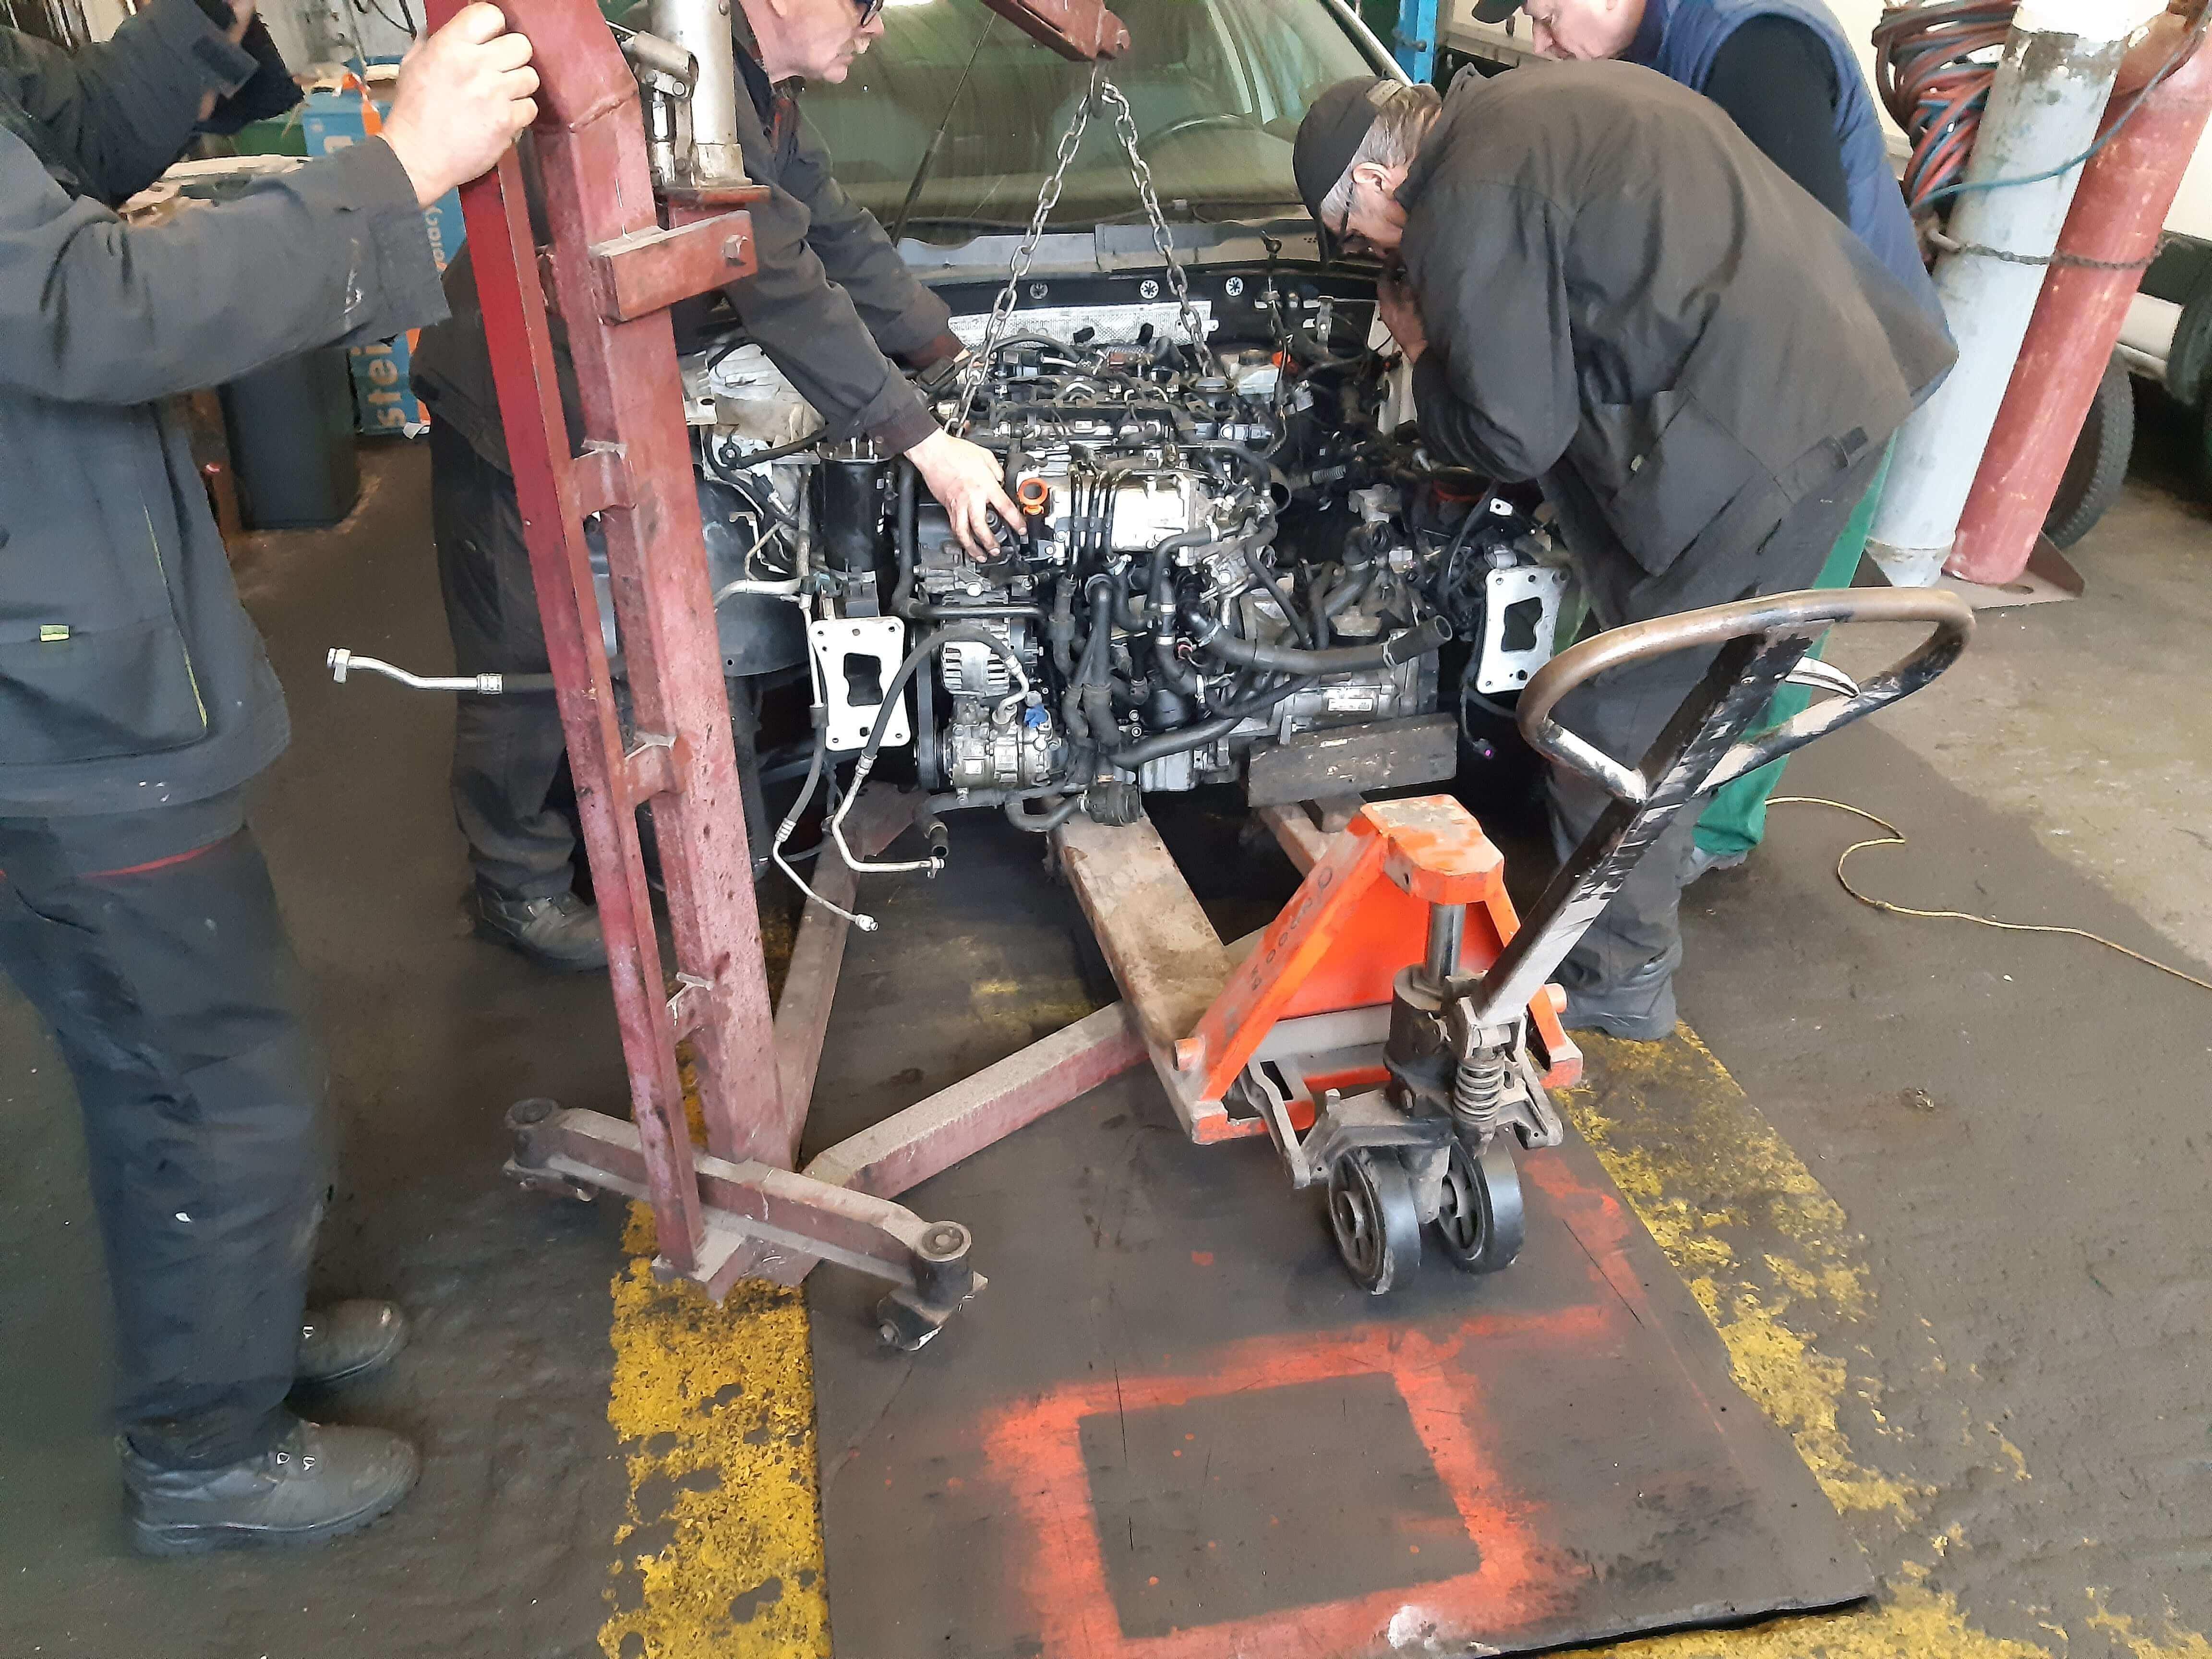 Wstawianie silnika